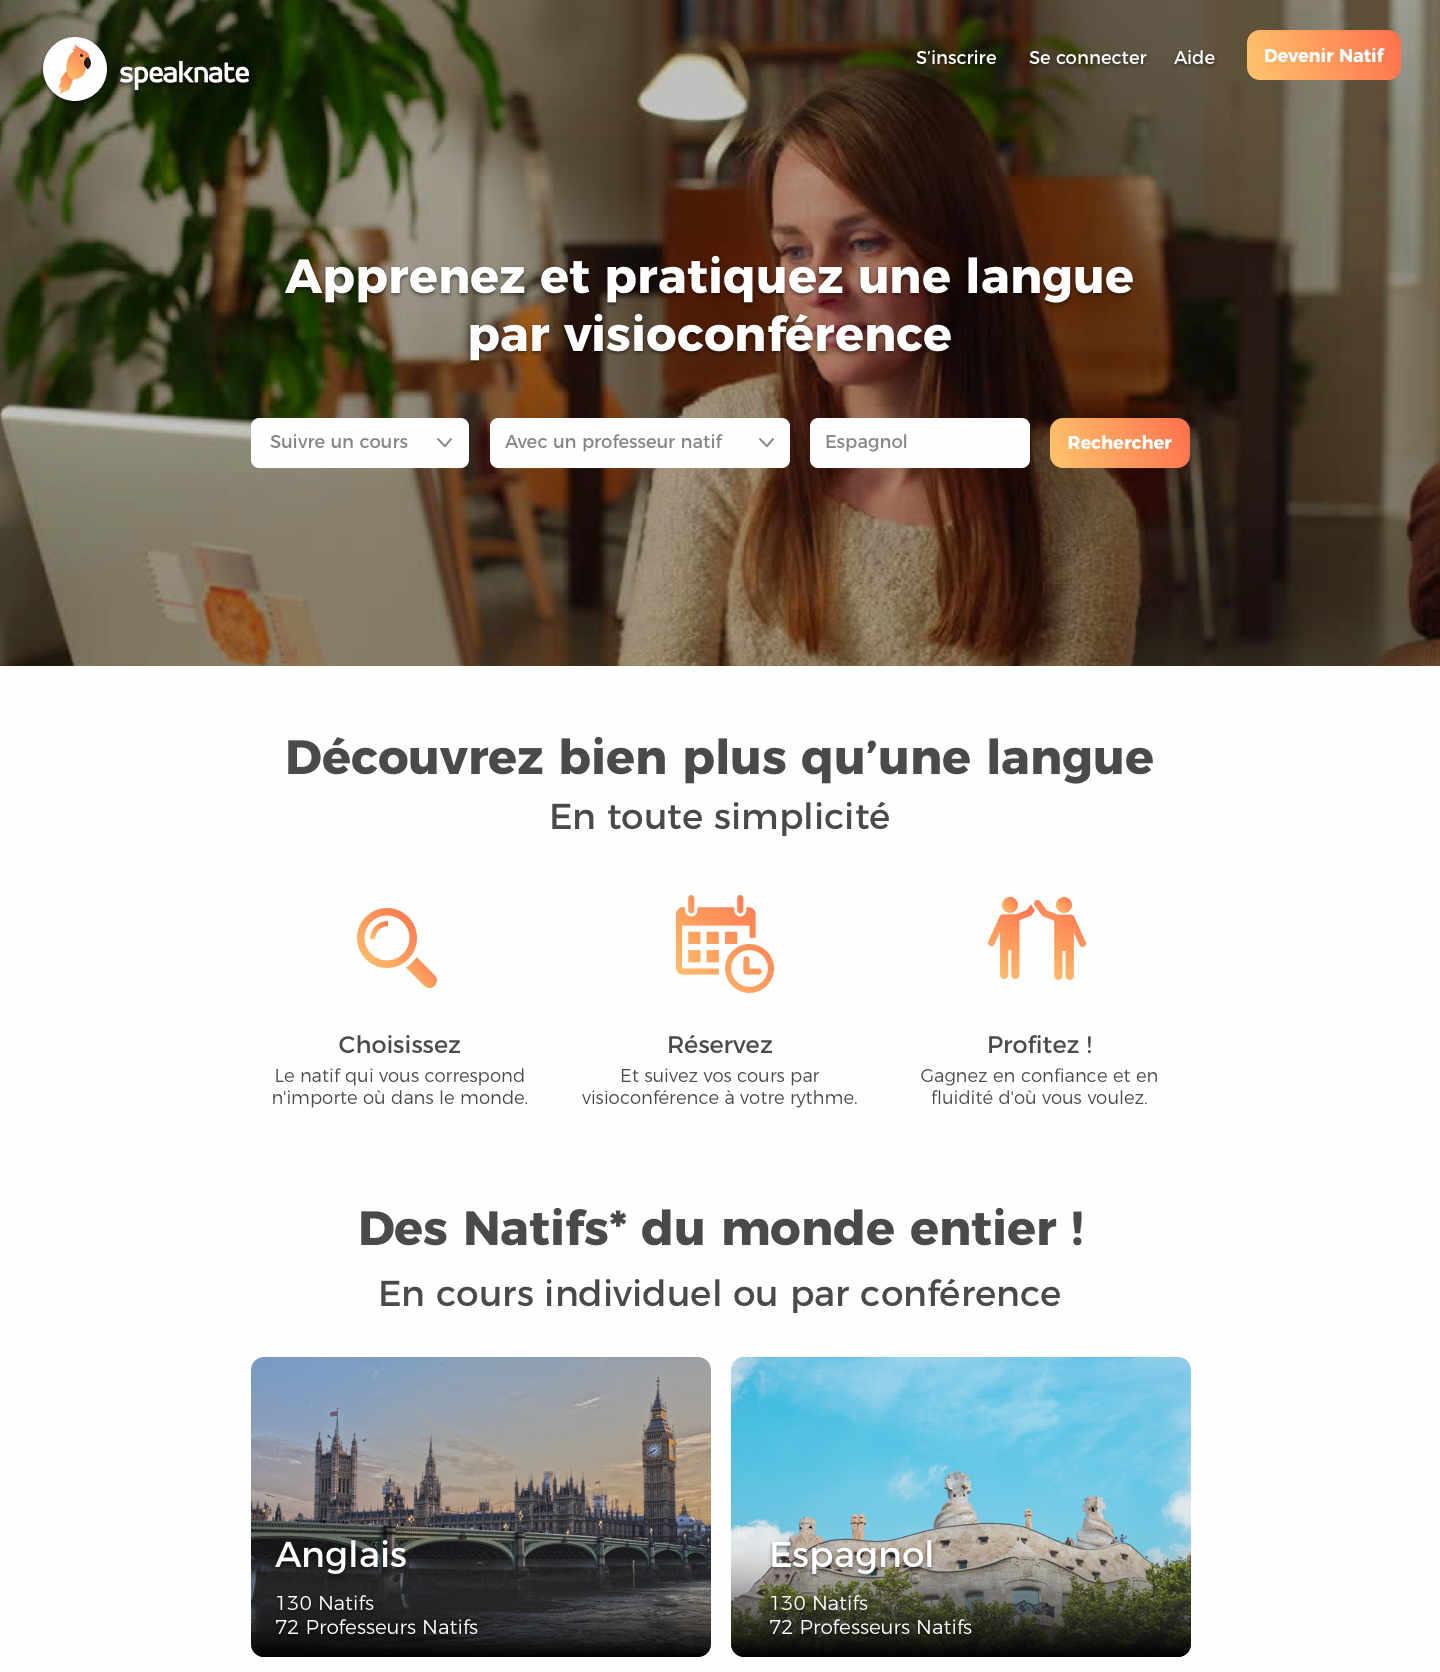 Speaknate.com